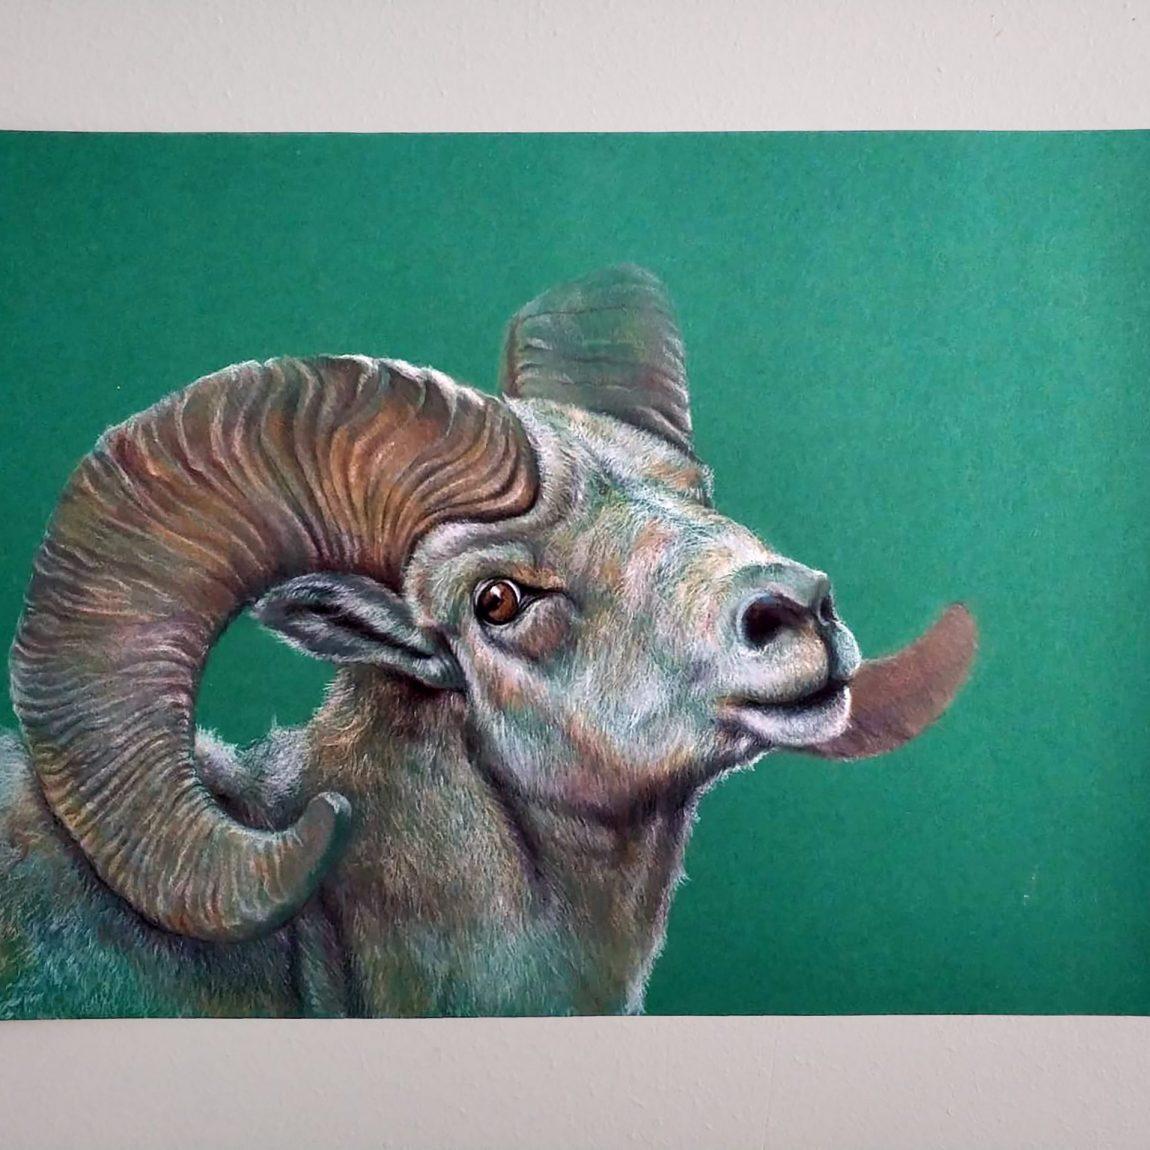 Yeşil Perde Önünde Yaban Koyunu -2020 Teknik: Kuru Boya Ölçü: 23,5X35 cm (2)